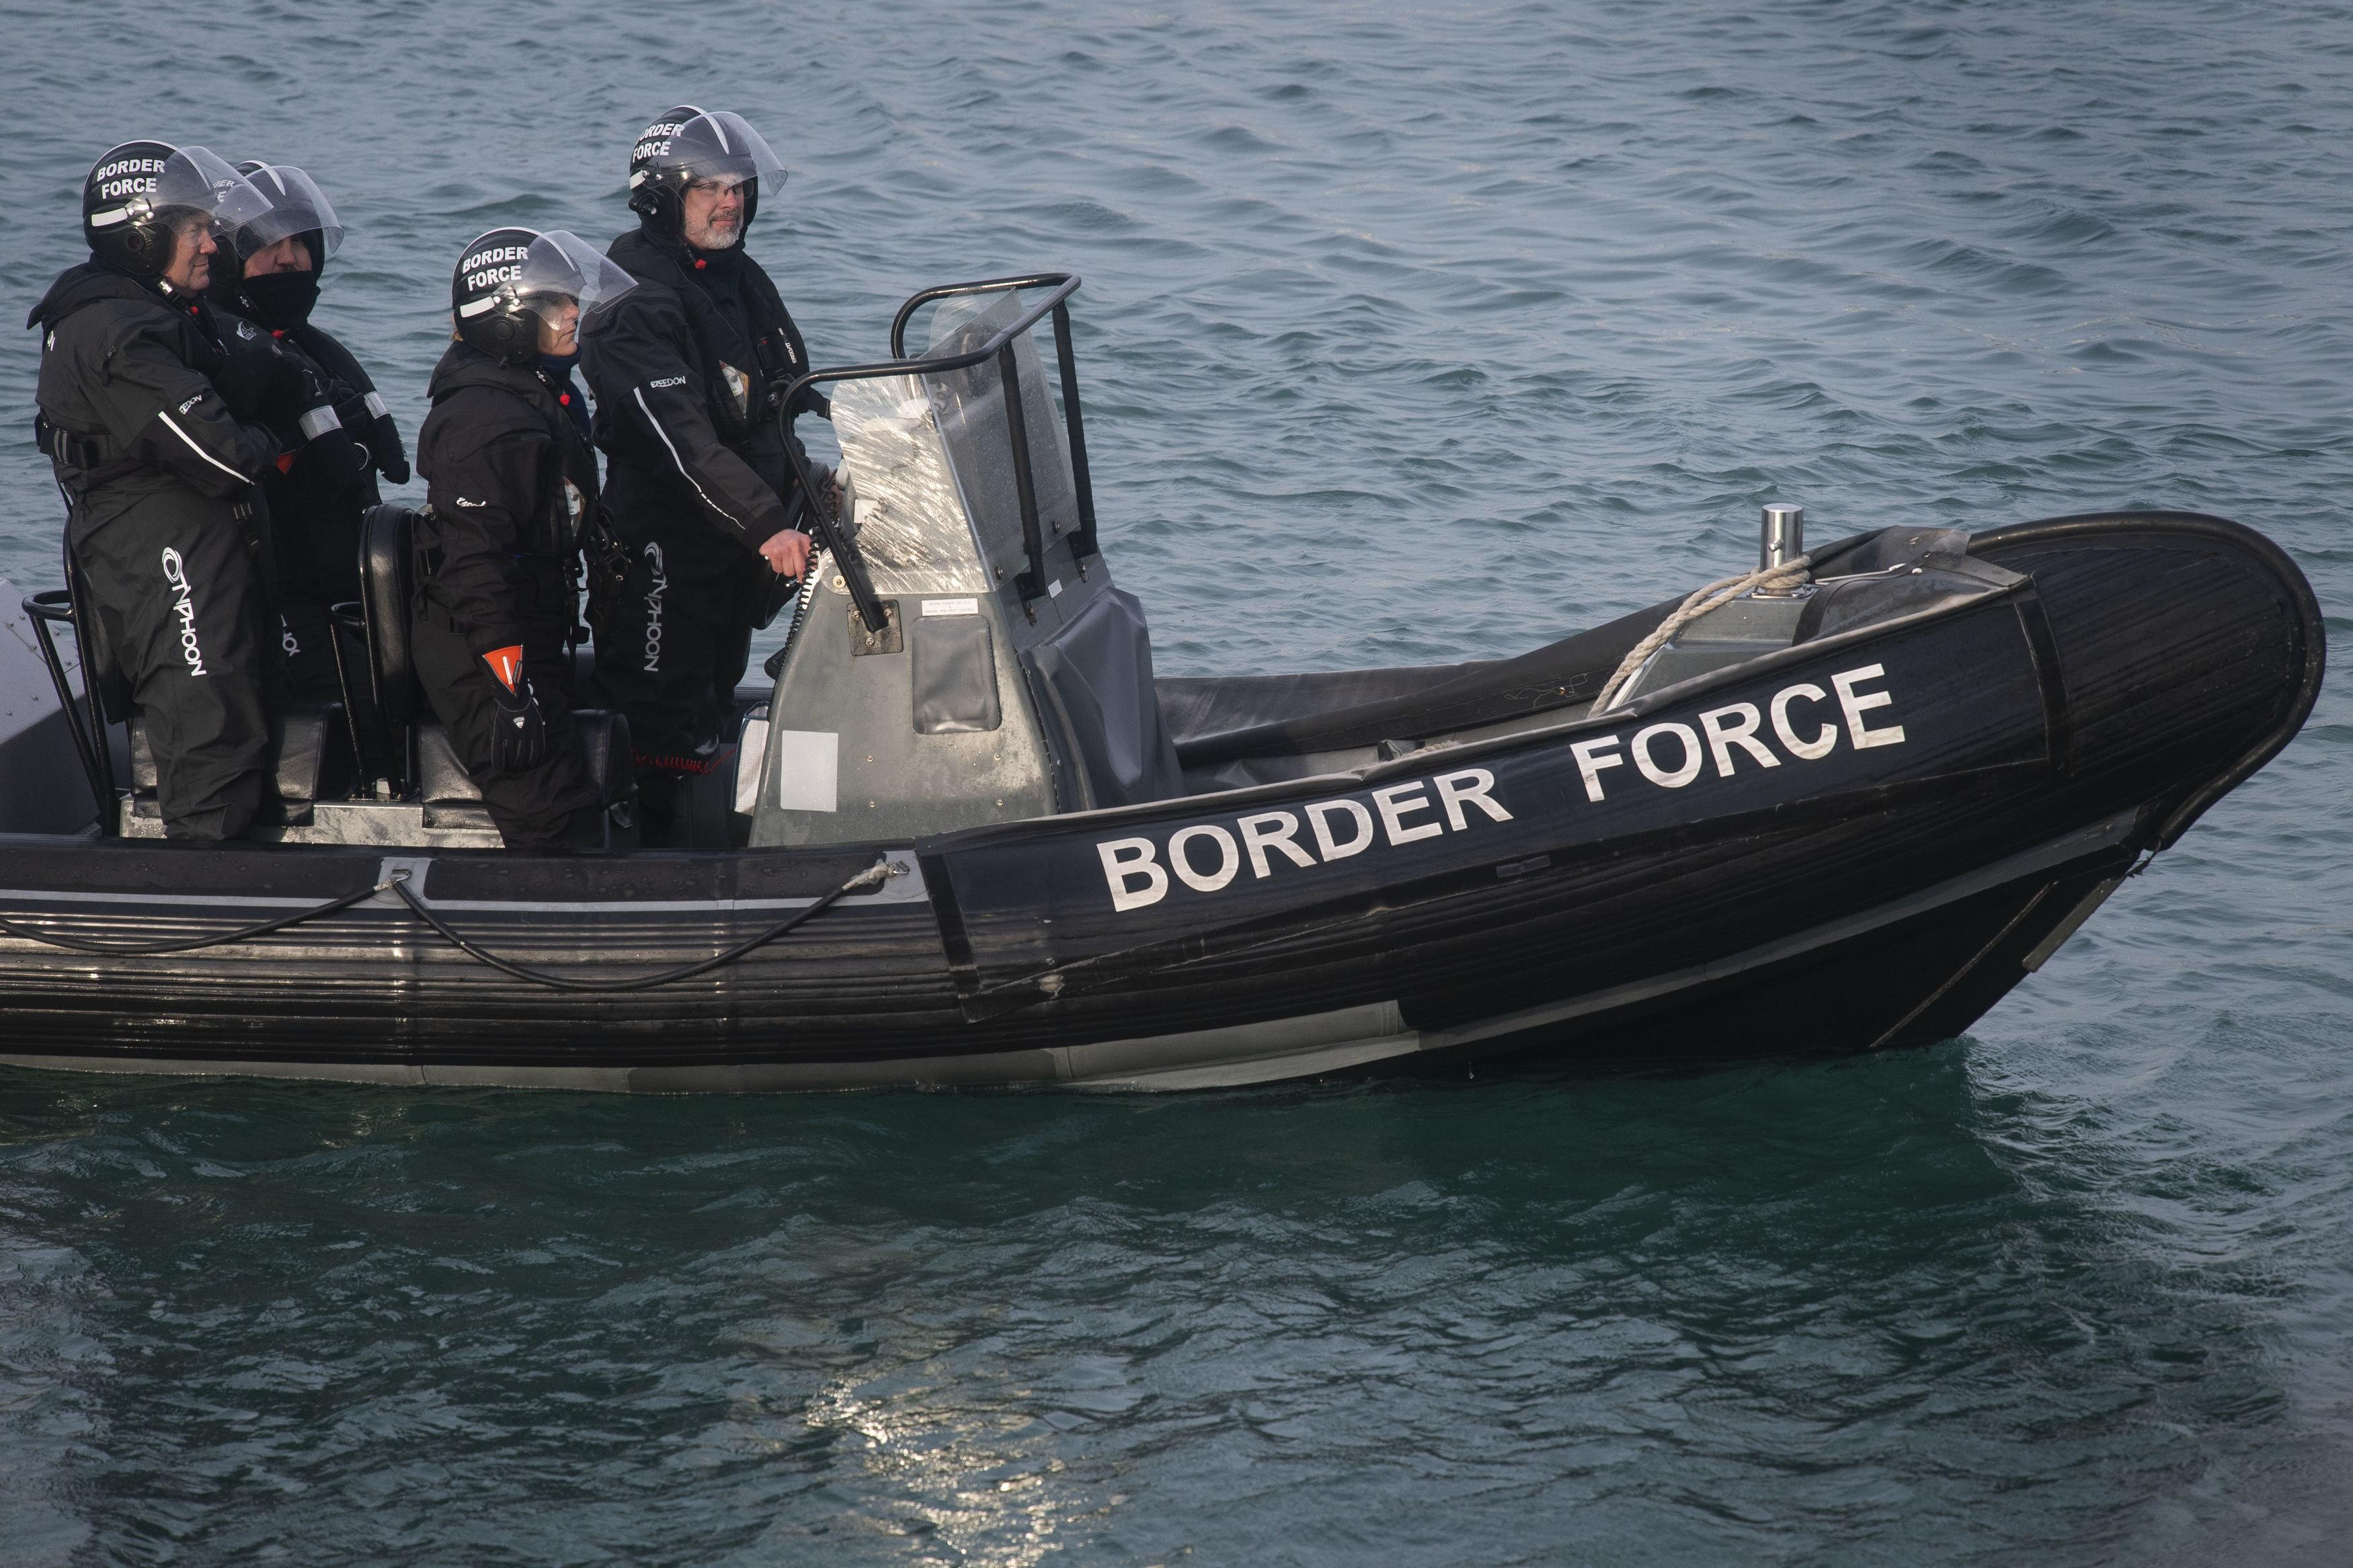 Steigende Anzahl von Flüchtlingen im Ärmelkanal: Großbritannien ruft Schiffe aus dem Mittelmeer